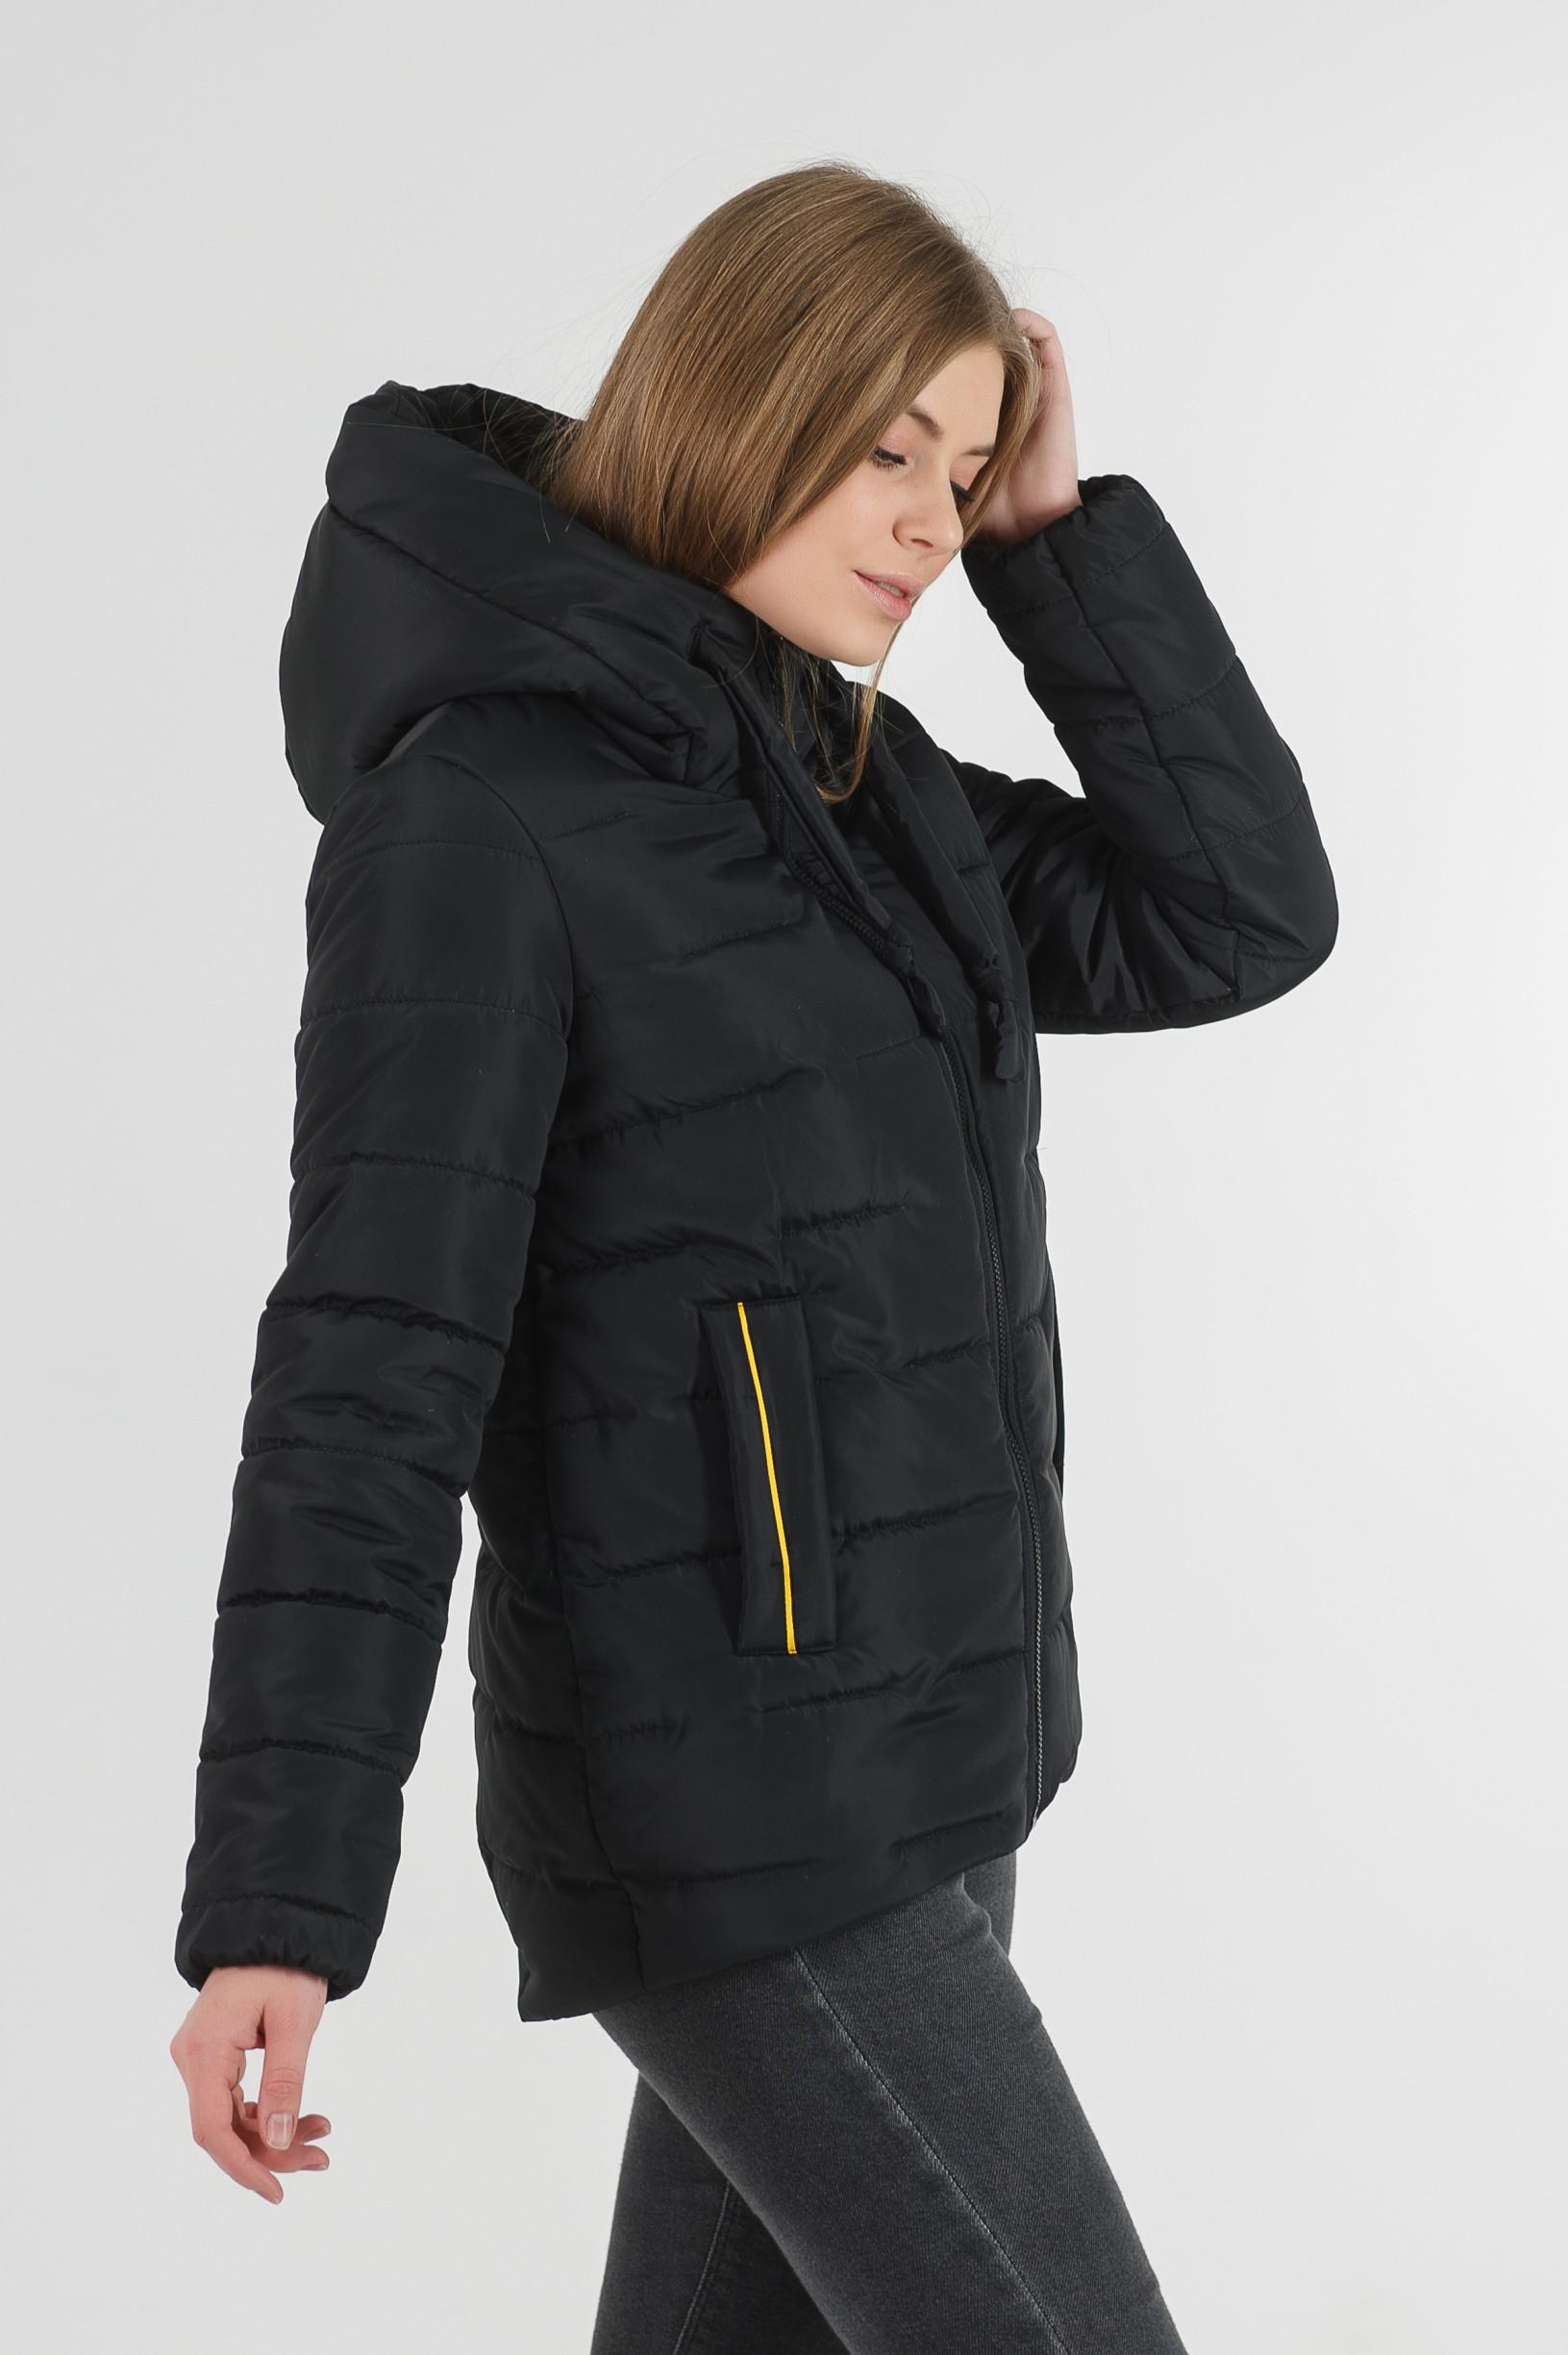 Зимняя молодёжная куртка Синди чёрного цвета